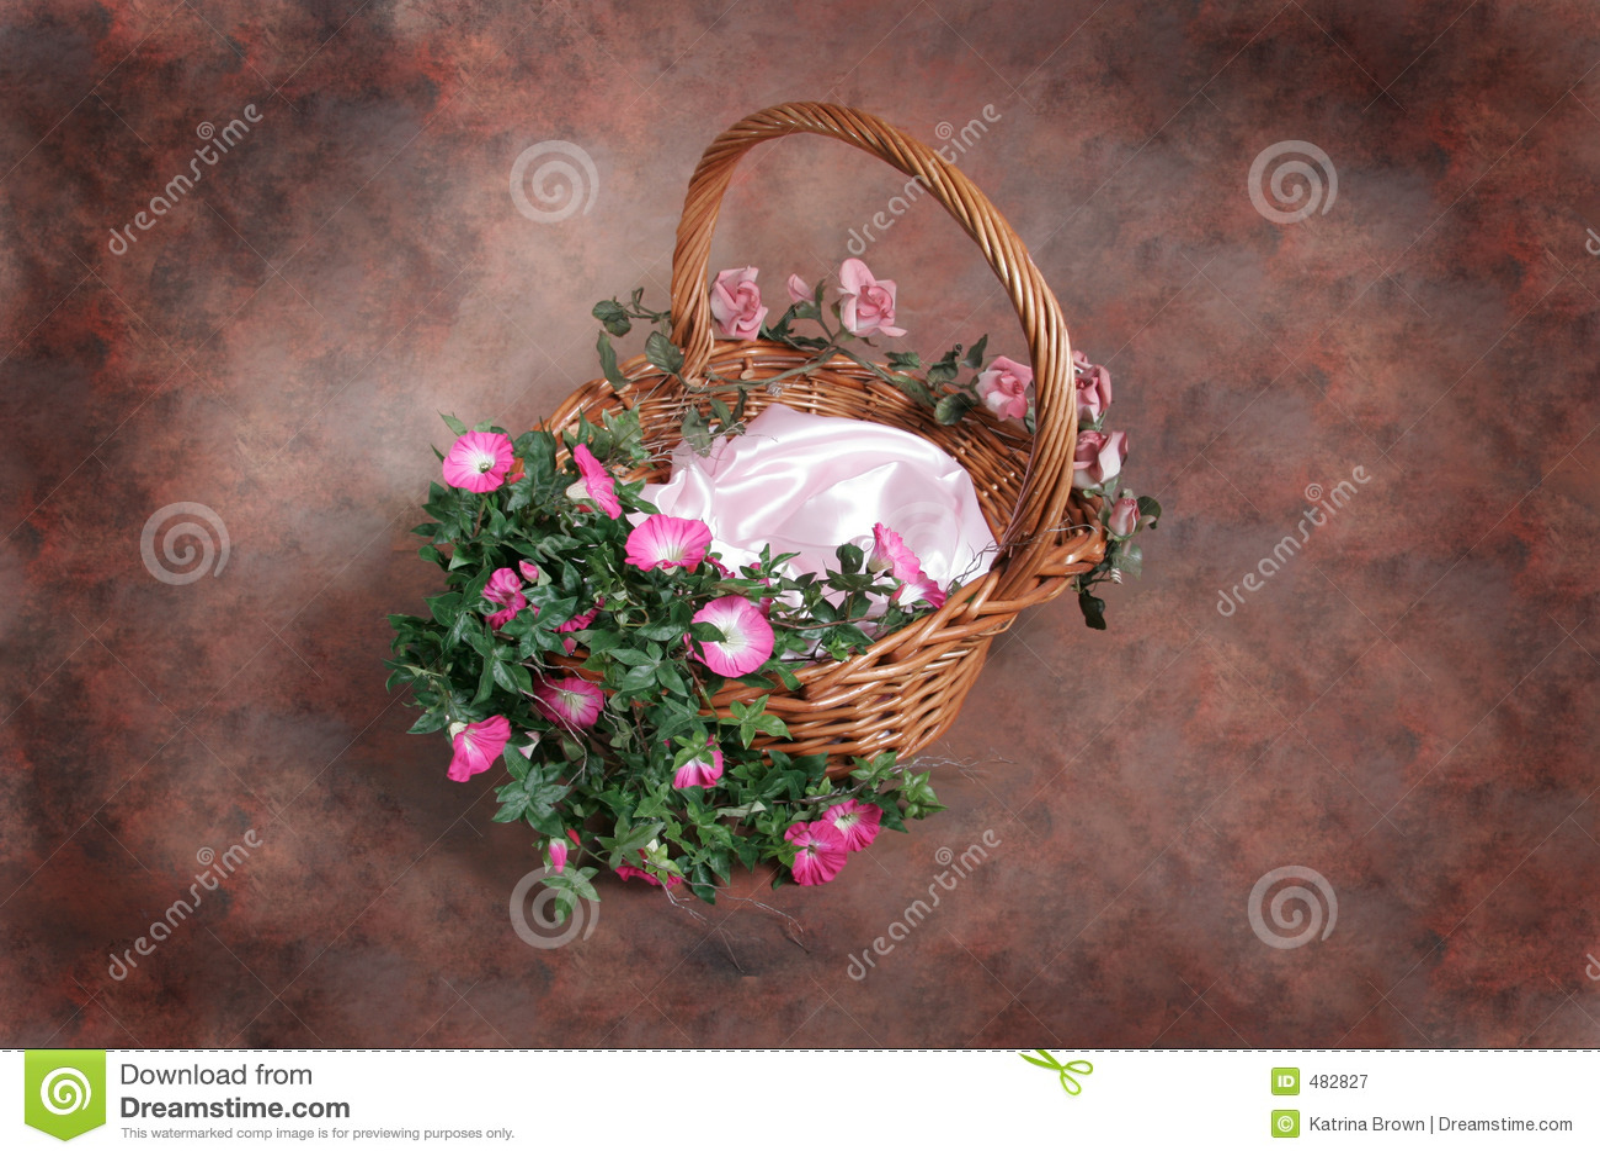 вставка фантазии клиента корзины флористическая изолировала студию фотографа установленную